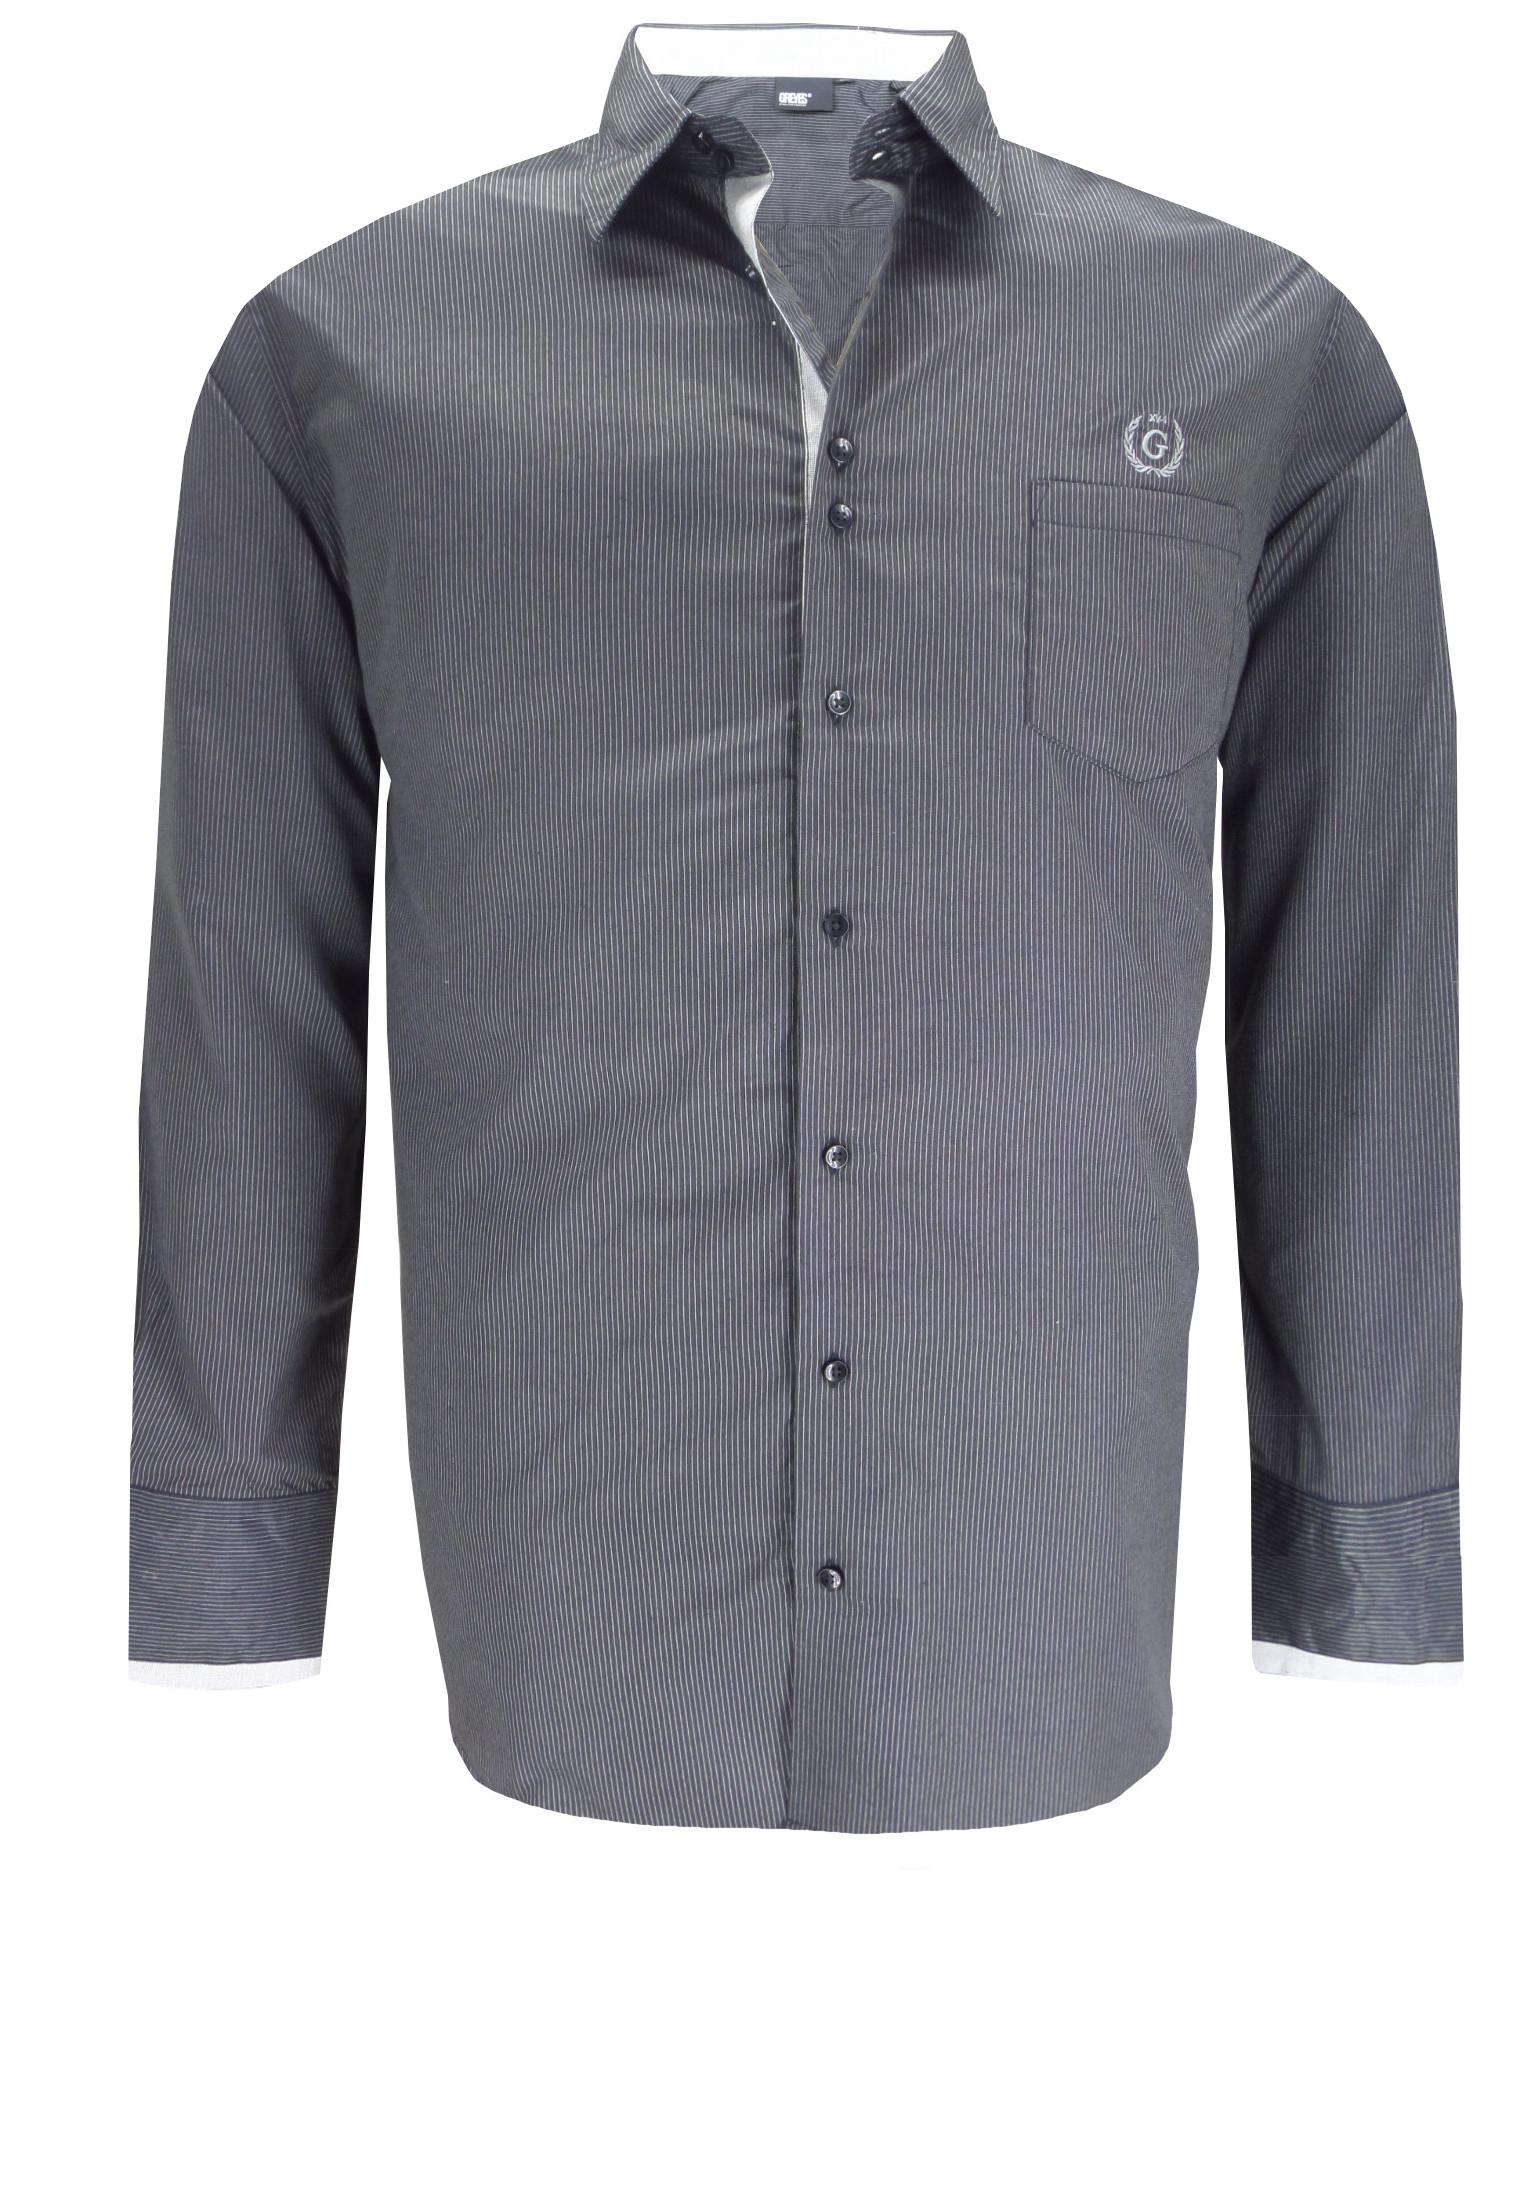 Elegant gestreept overhemd van Greyes met een klassieke kraag, een open borstzakje met geborduurd merklogo op de linker borst, stijlvolle contrasterende elementen aan de binnenkraag, manchetten en de knooplijst en contrasterend stiksel bij de knoopjes.Het overhemd is rond afgezoomd.